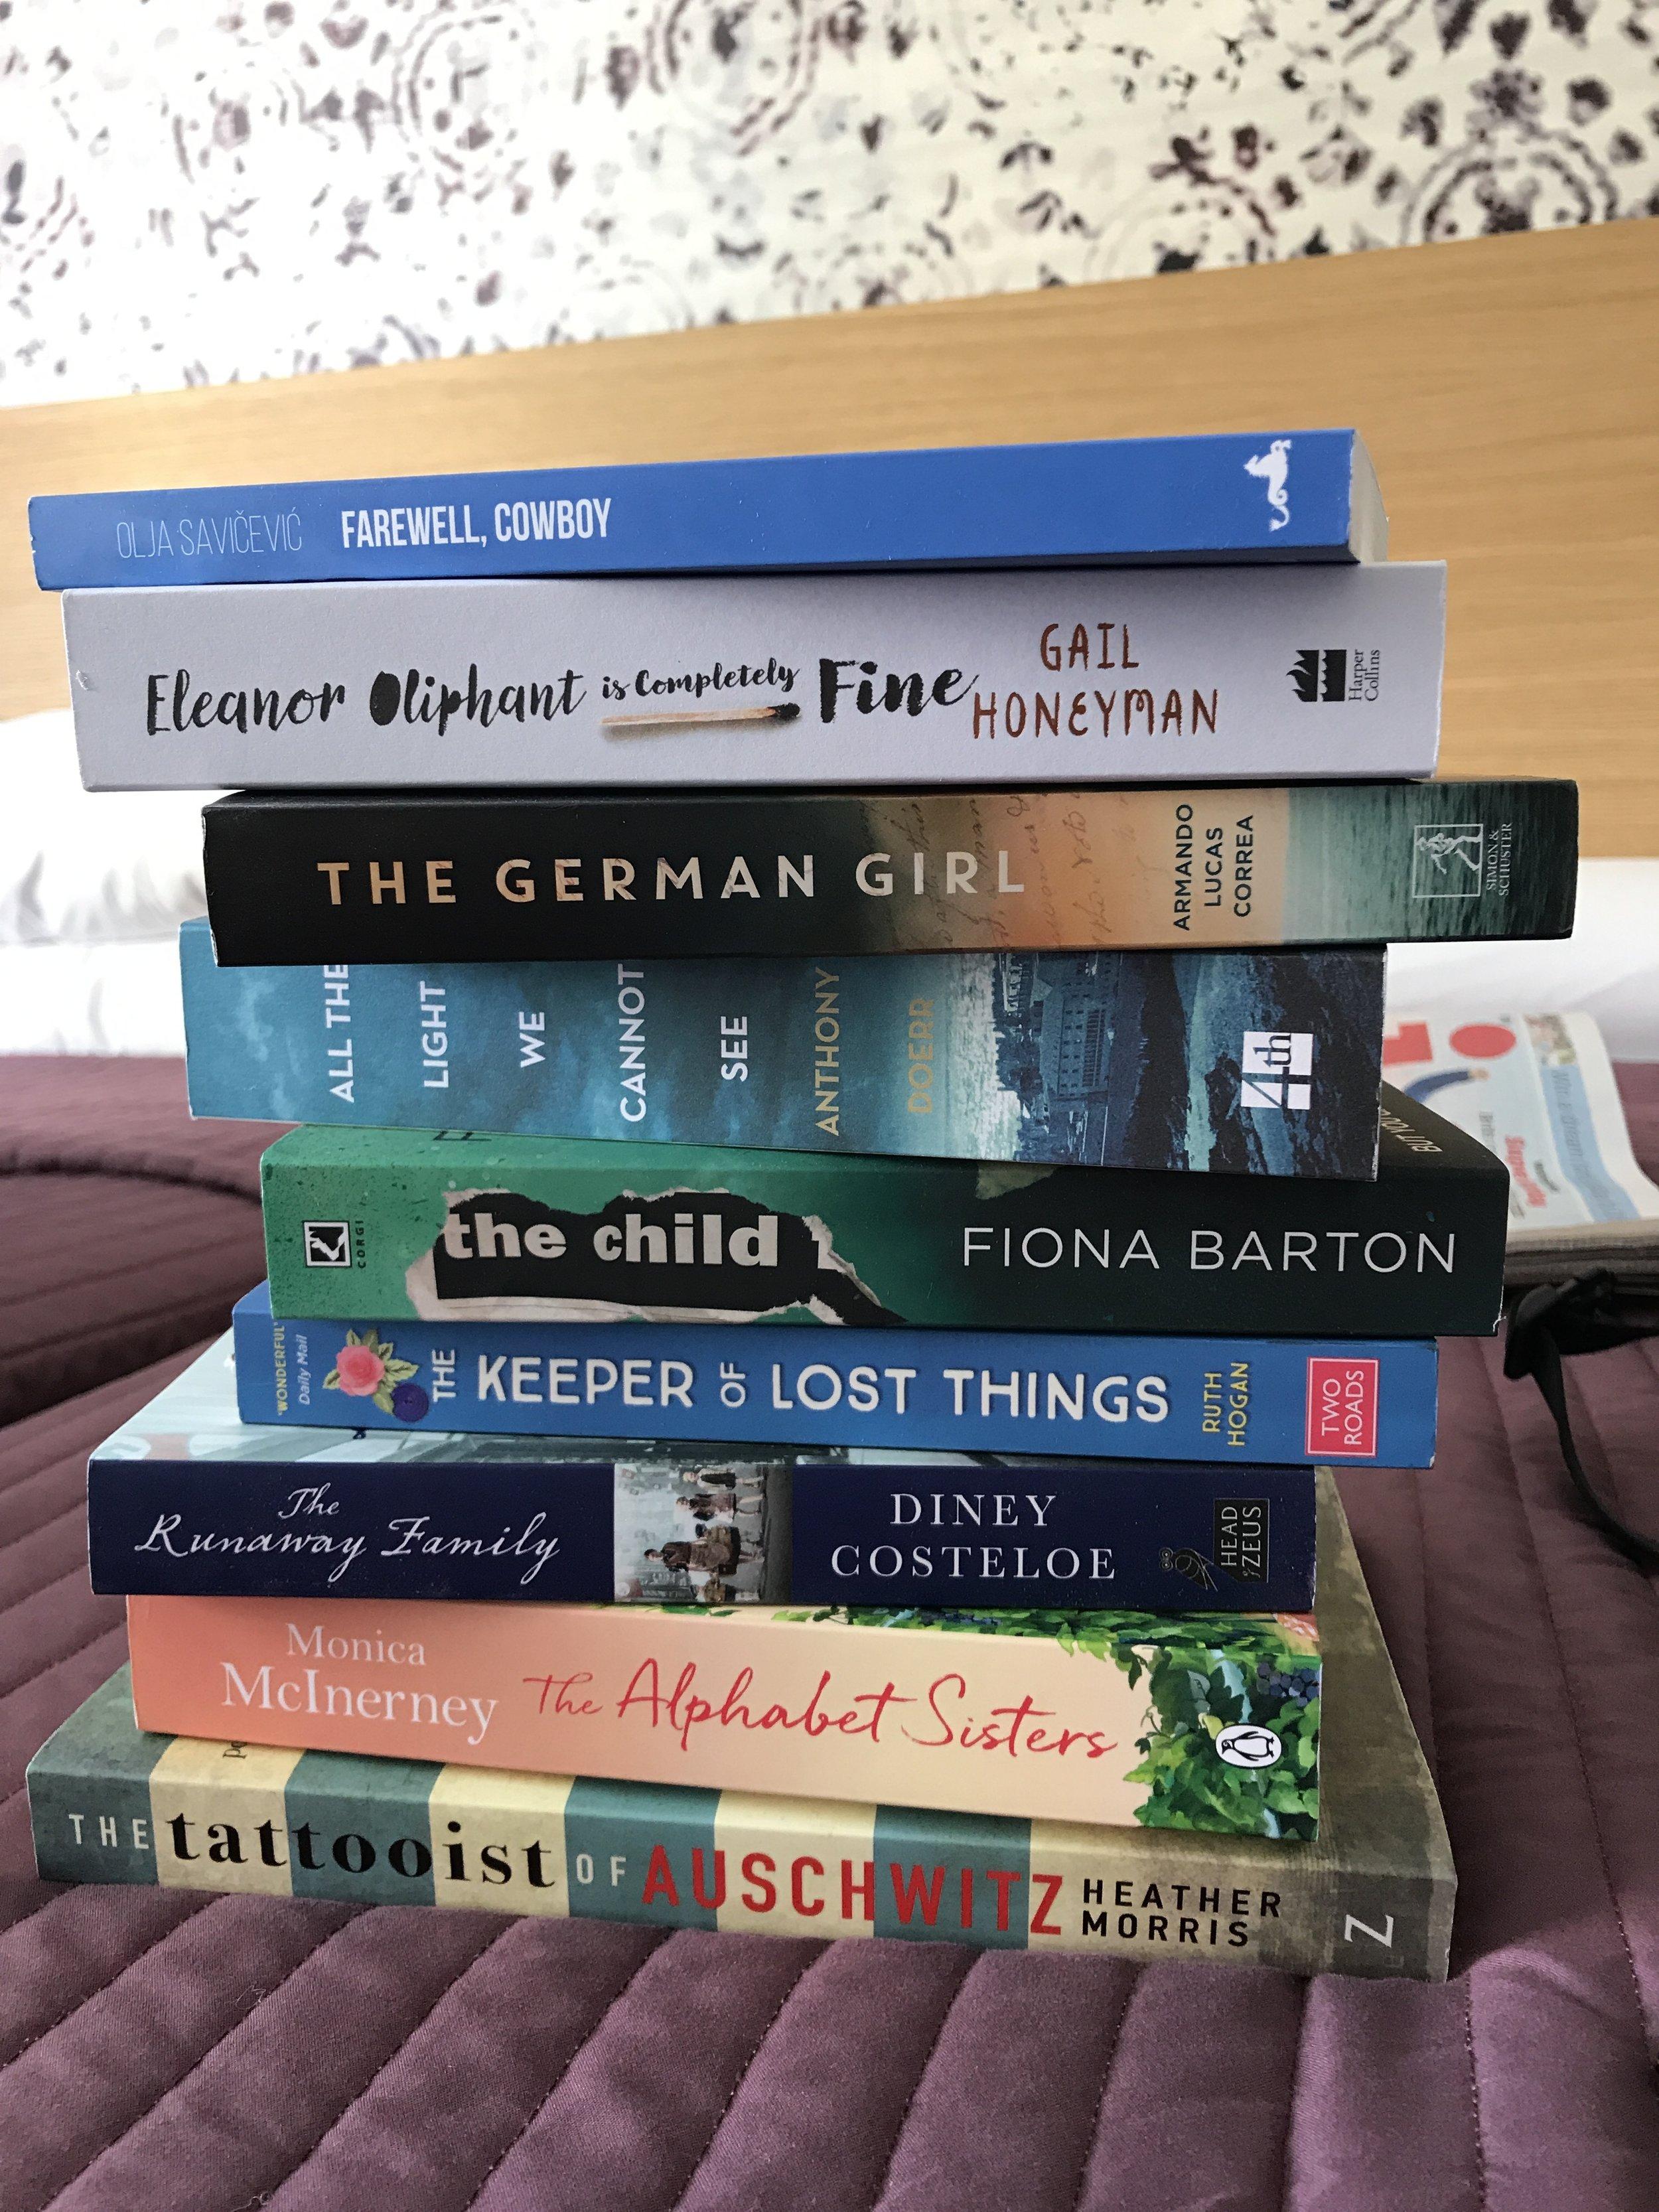 New books for the bookshelf.